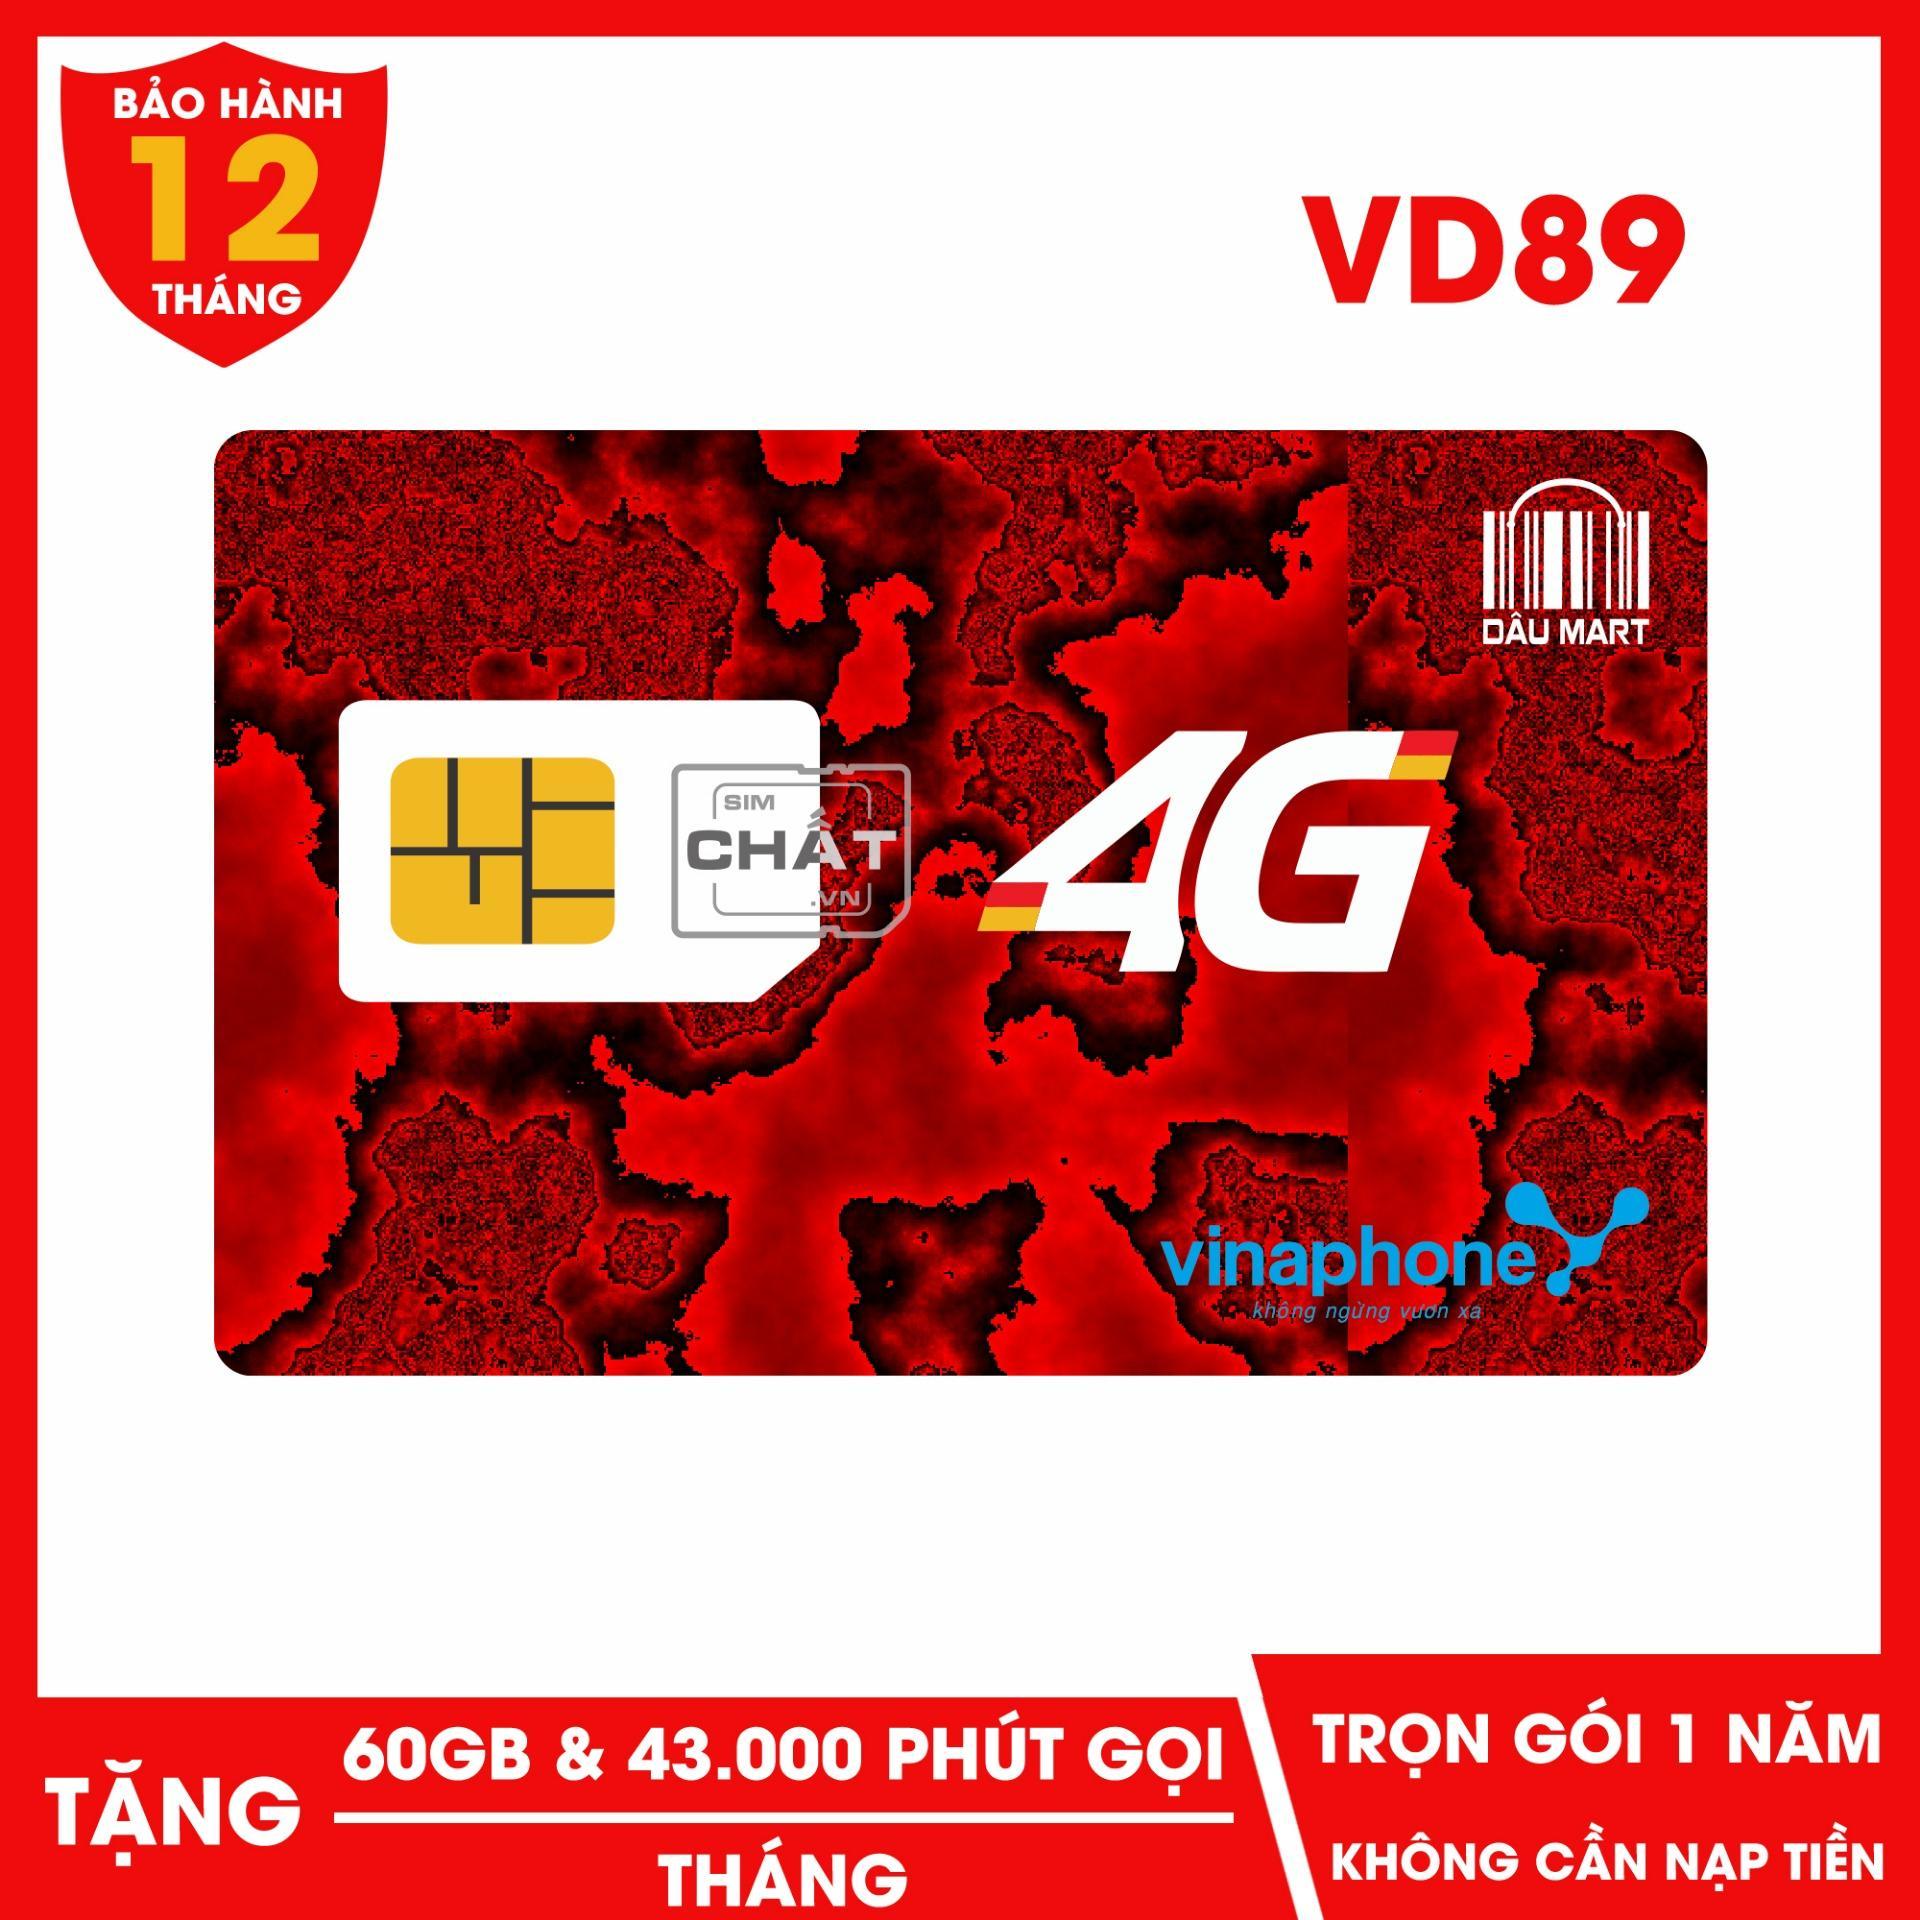 Giá SIM 4G Vinaphone VD89 Miễn Phí DATA và Nghe Gọi 1 Năm Không Cần Nạp Tiền